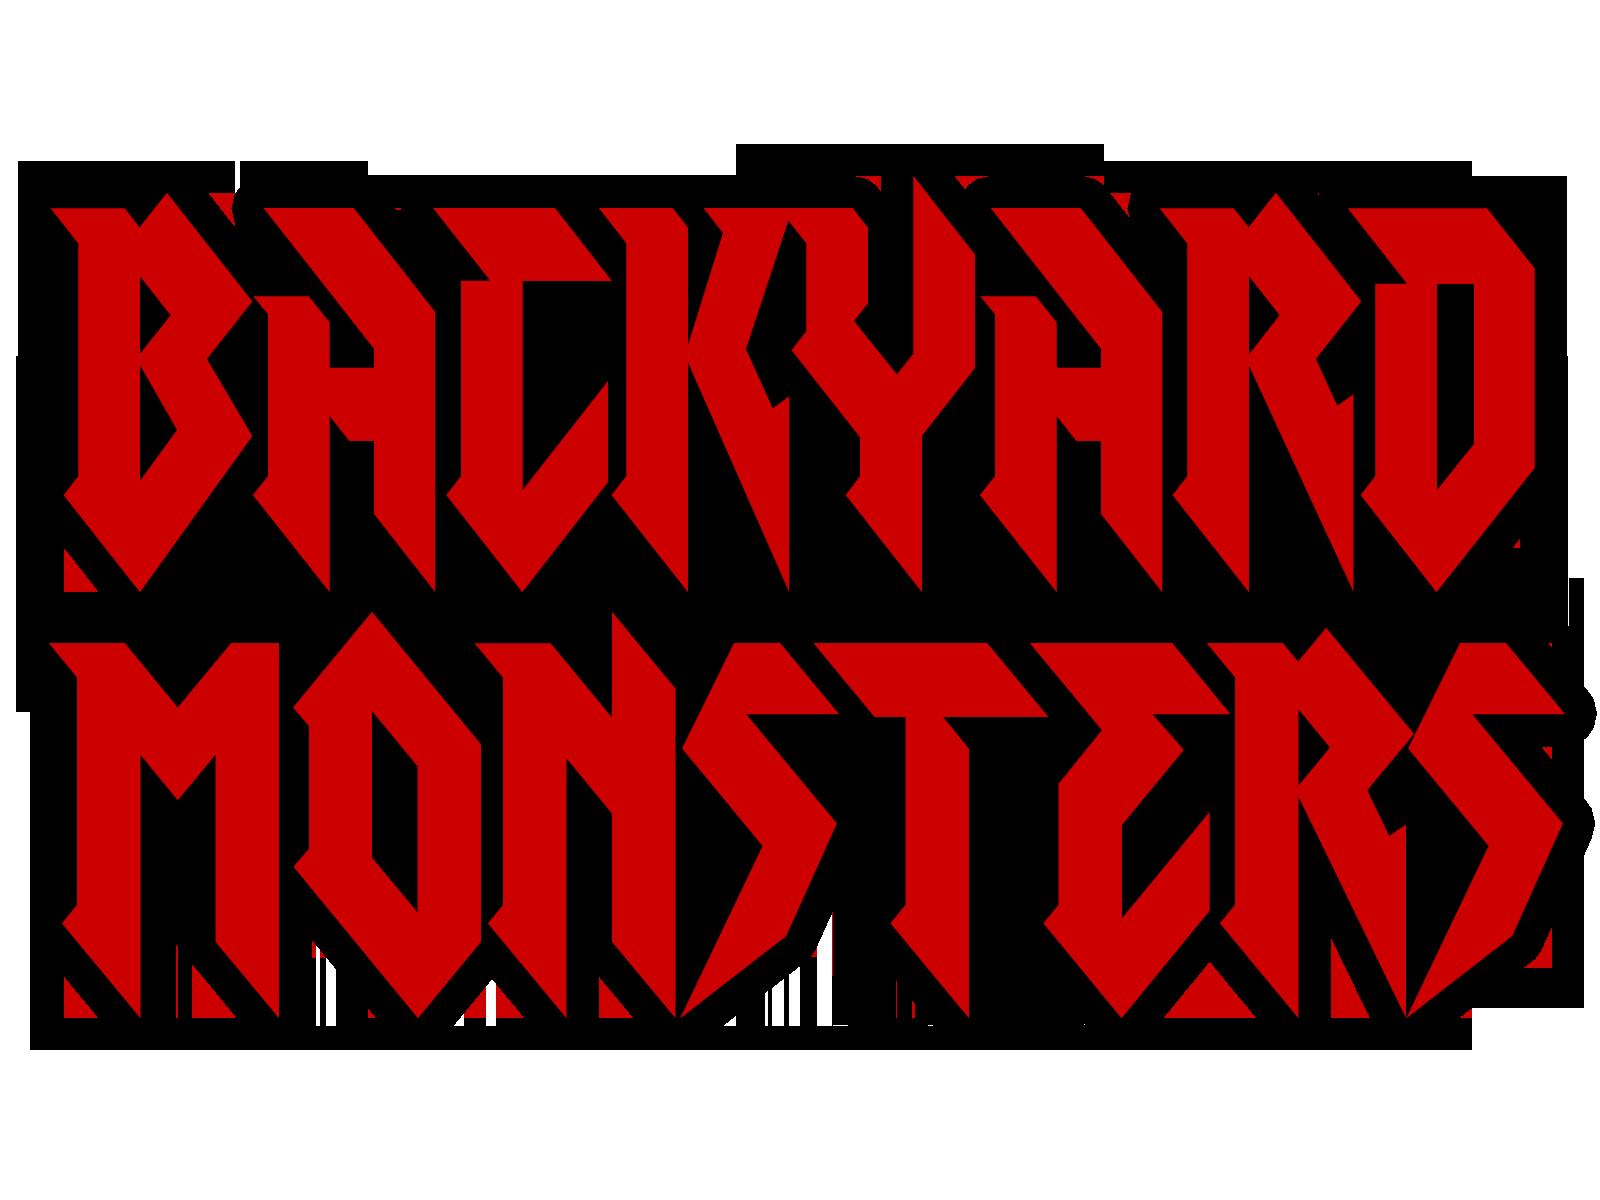 Kixeye Backyard Monsters backyard monsters | backyard monsters unleashed wiki | fandom